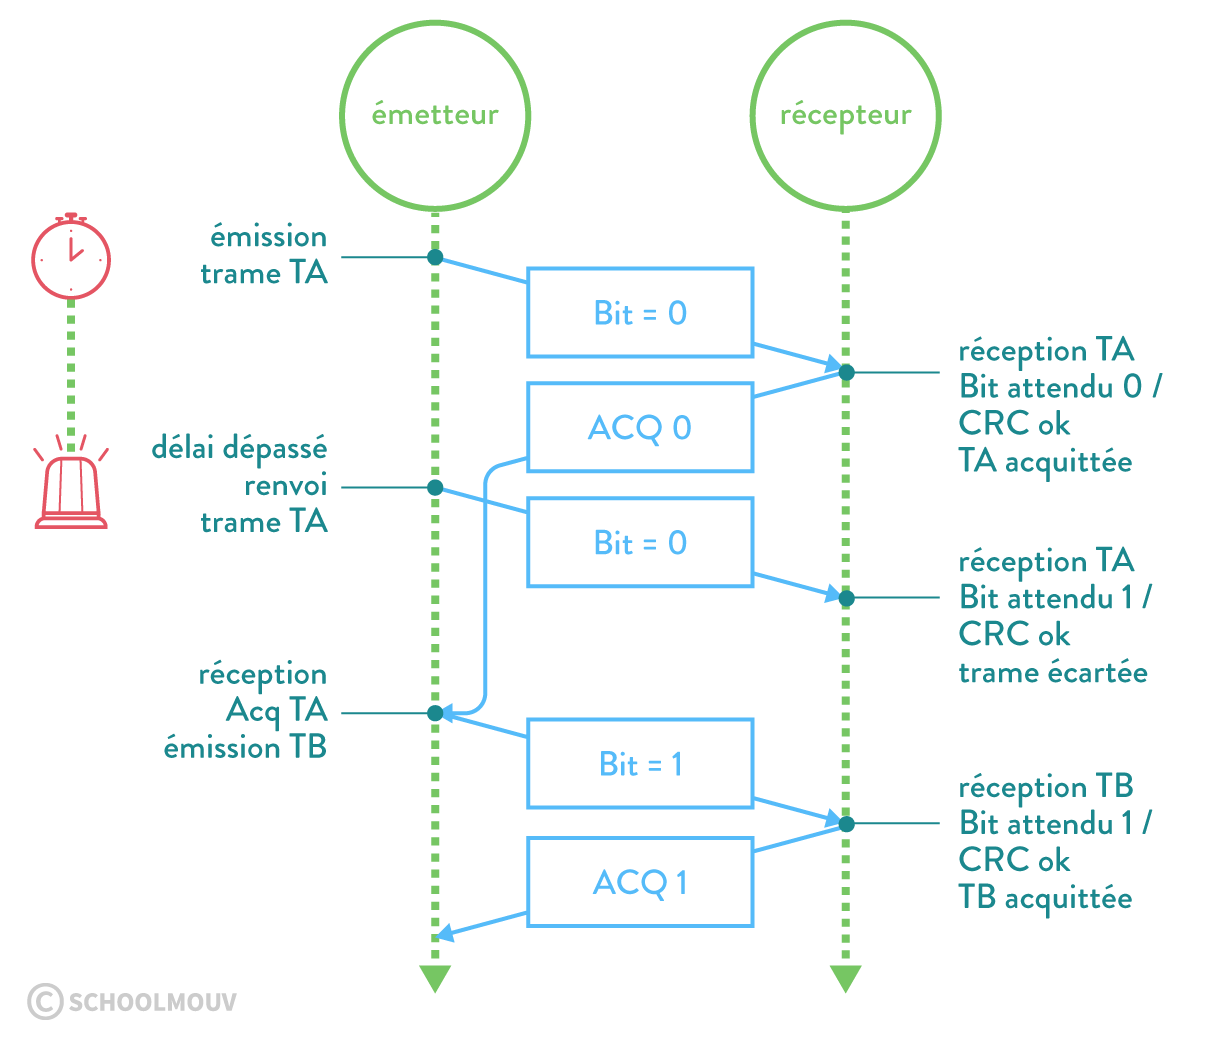 numérique sciences informatique première TCP et bit alterné protocole du bit alterné